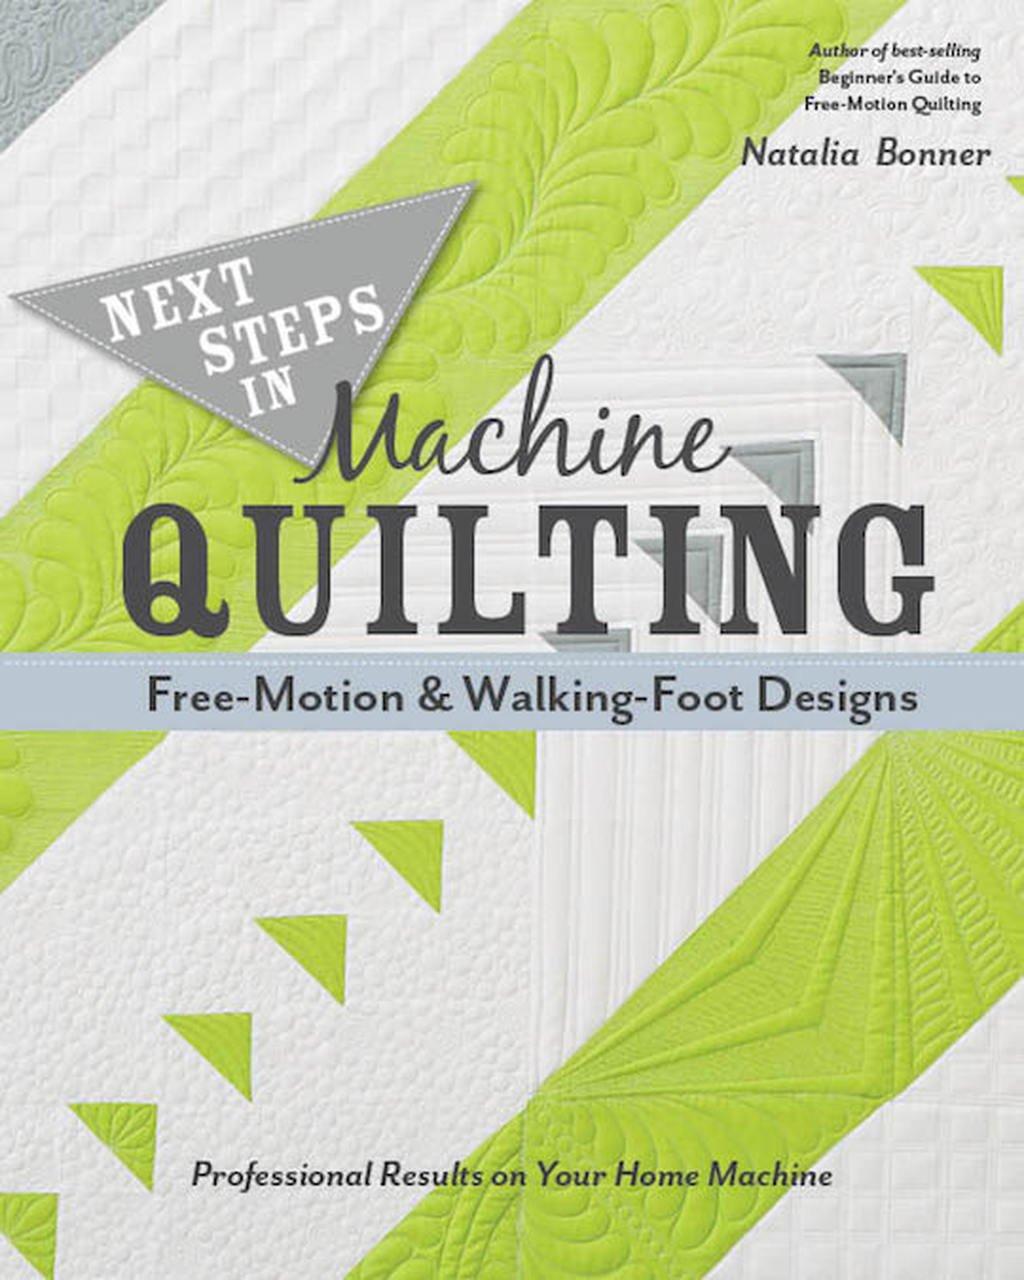 *NEXT STEPS IN MACHINE QUILTING BOOK//NATALIA BONNER//STASHBOOKS